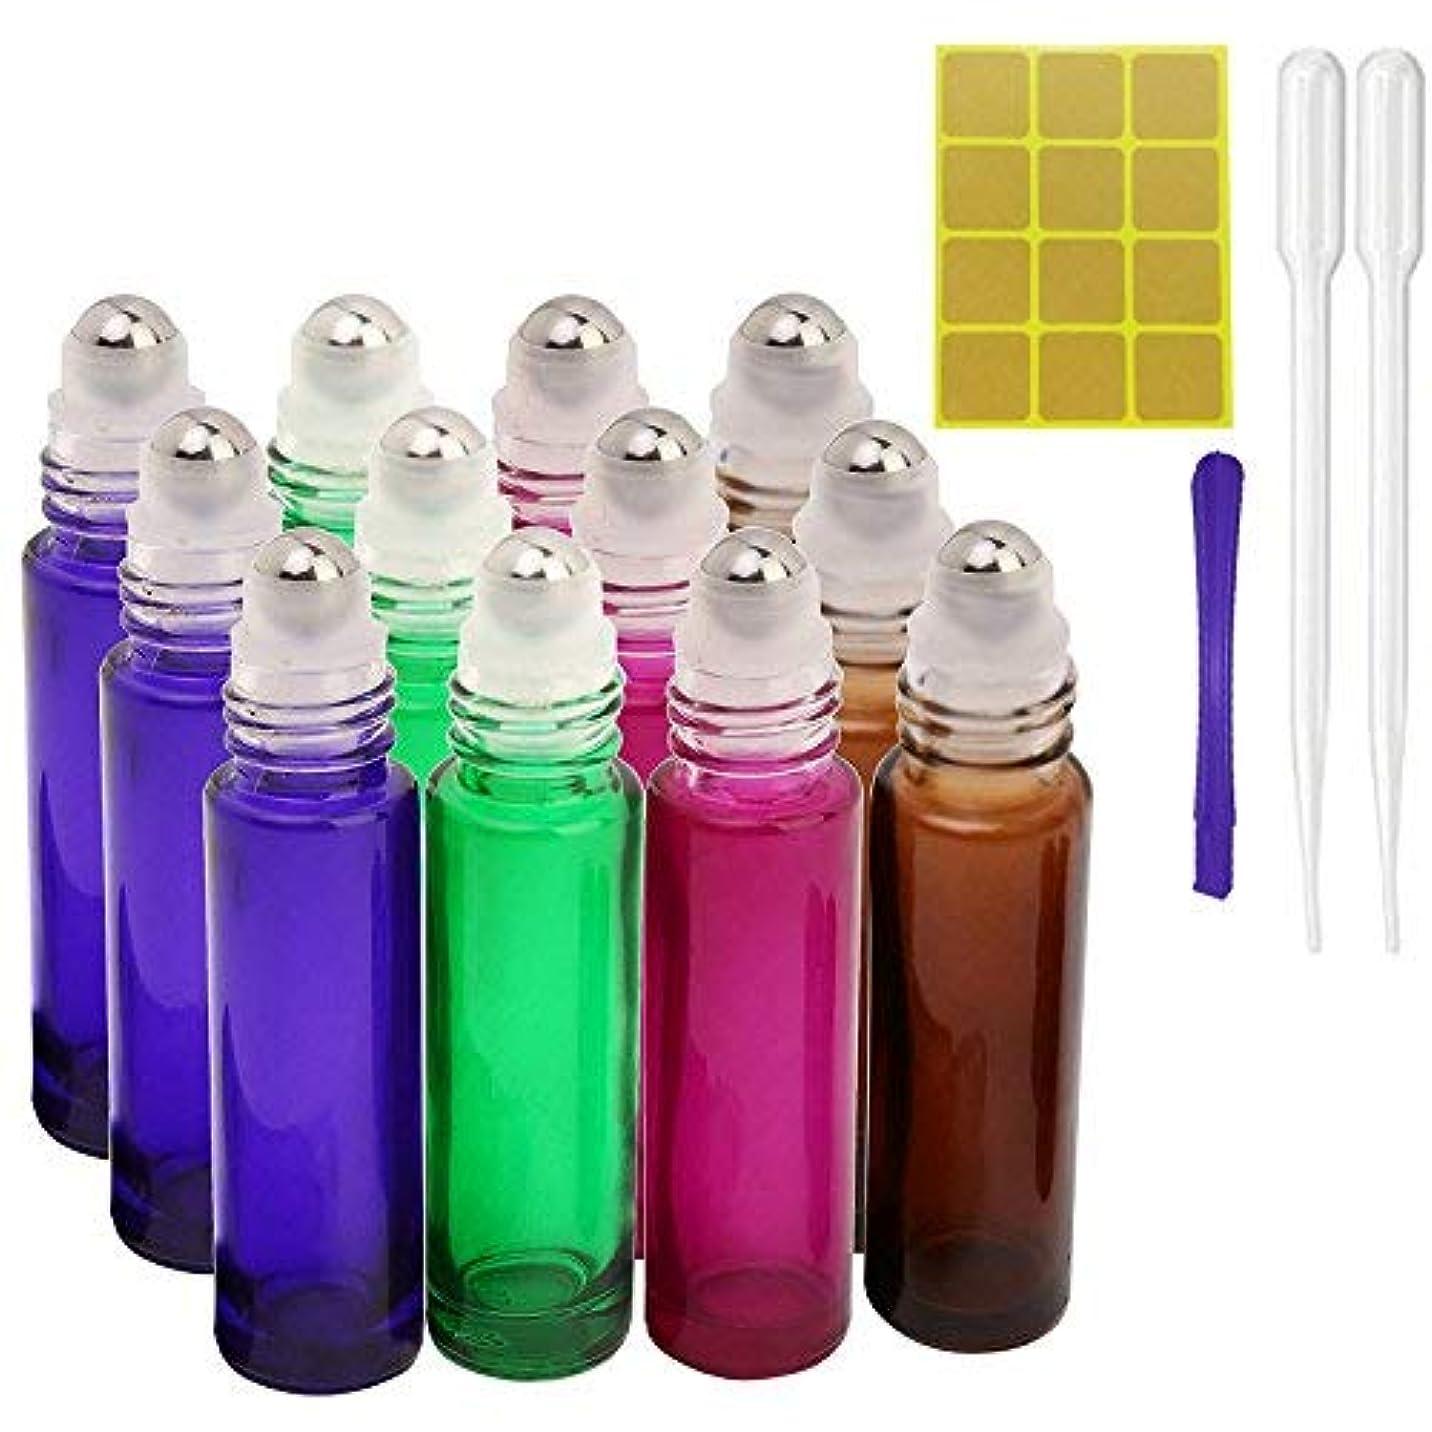 ブースト属性調和のとれた12, 10ml Roller Bottles for Essential Oils - Glass Refillable Roller on Bottles with 1 Opener, 2 Droppers, 24 Pieces Labels, Suitable for Aromatherapy, Essential Oils By JamHooDirect (4 Colors) [並行輸入品]